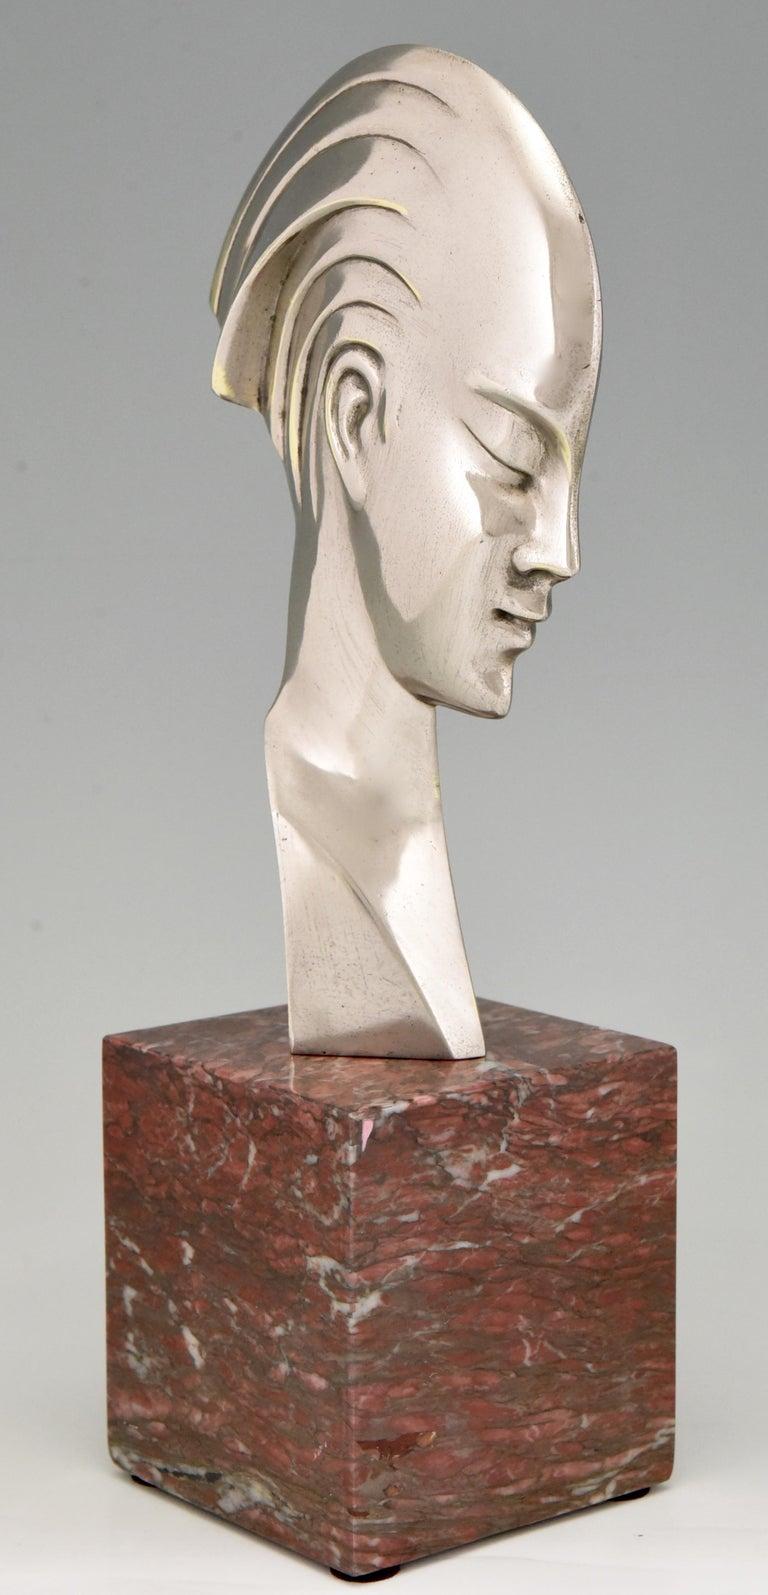 Italian Art Deco bronze sculpture bust woman profile att. to Guido Cacciapuoti 1930